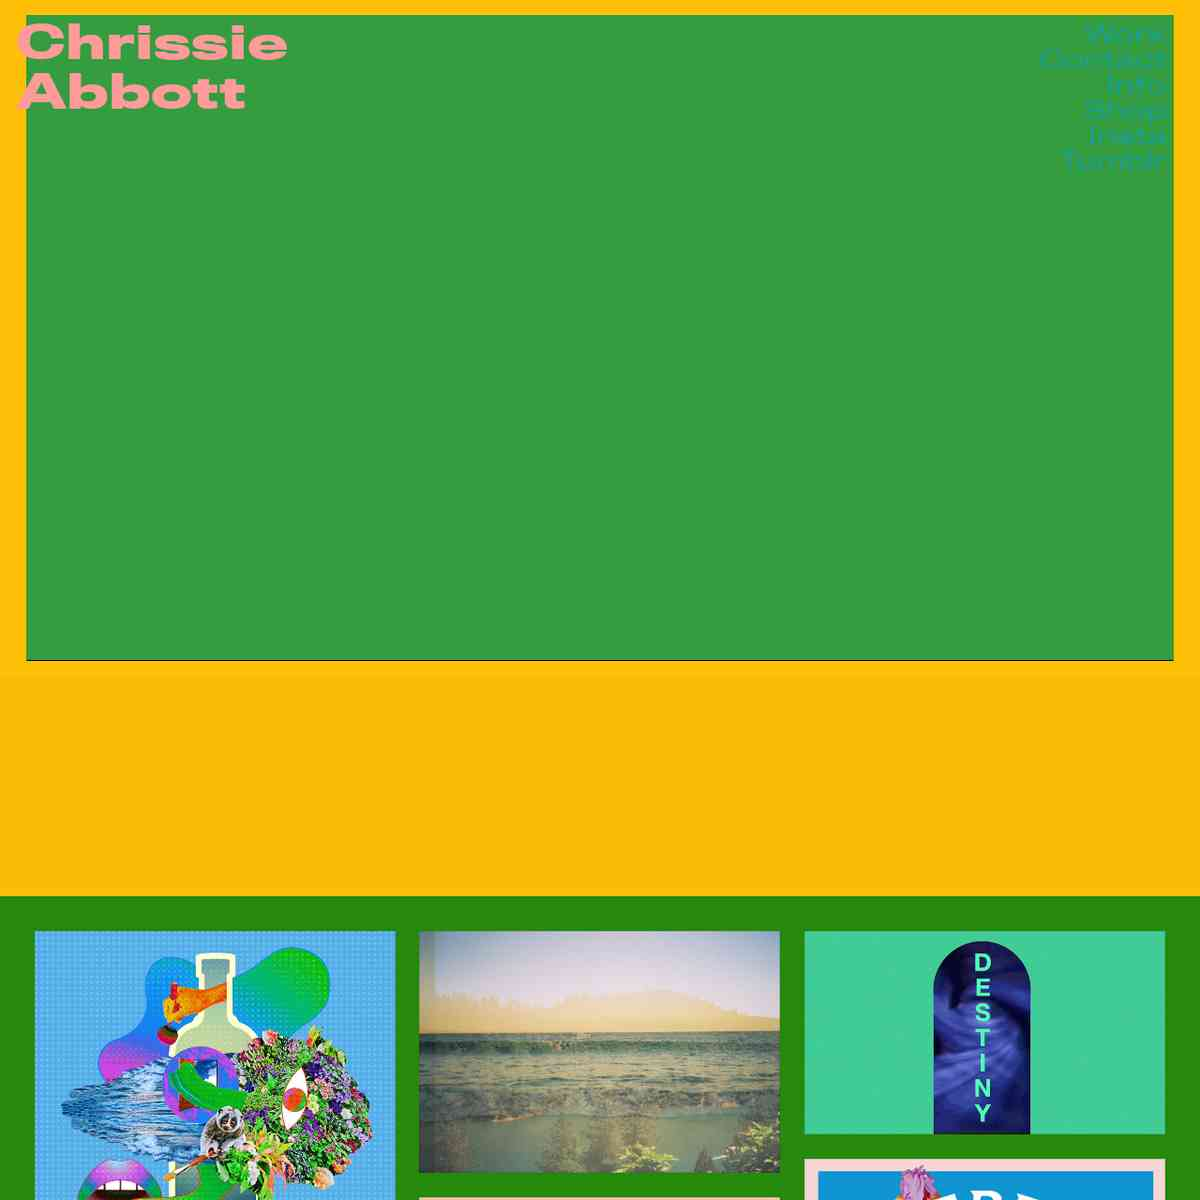 Chrissie Abbott